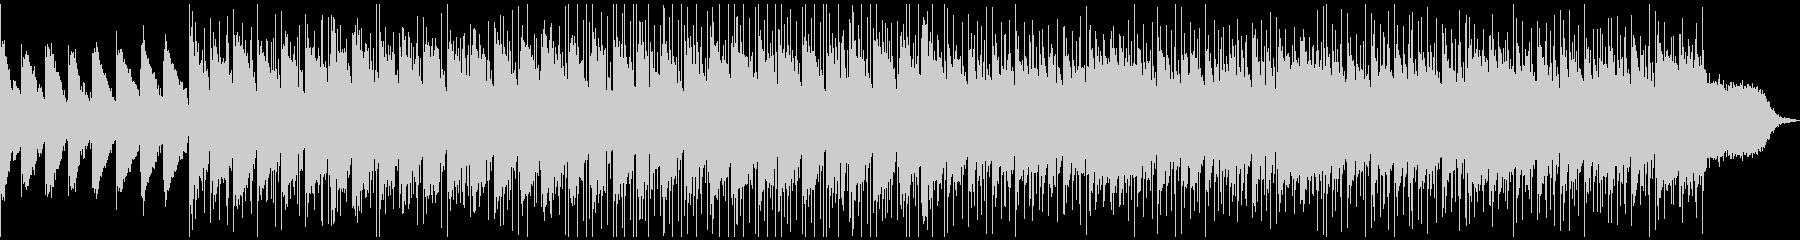 クールなドラムンベース風の未再生の波形